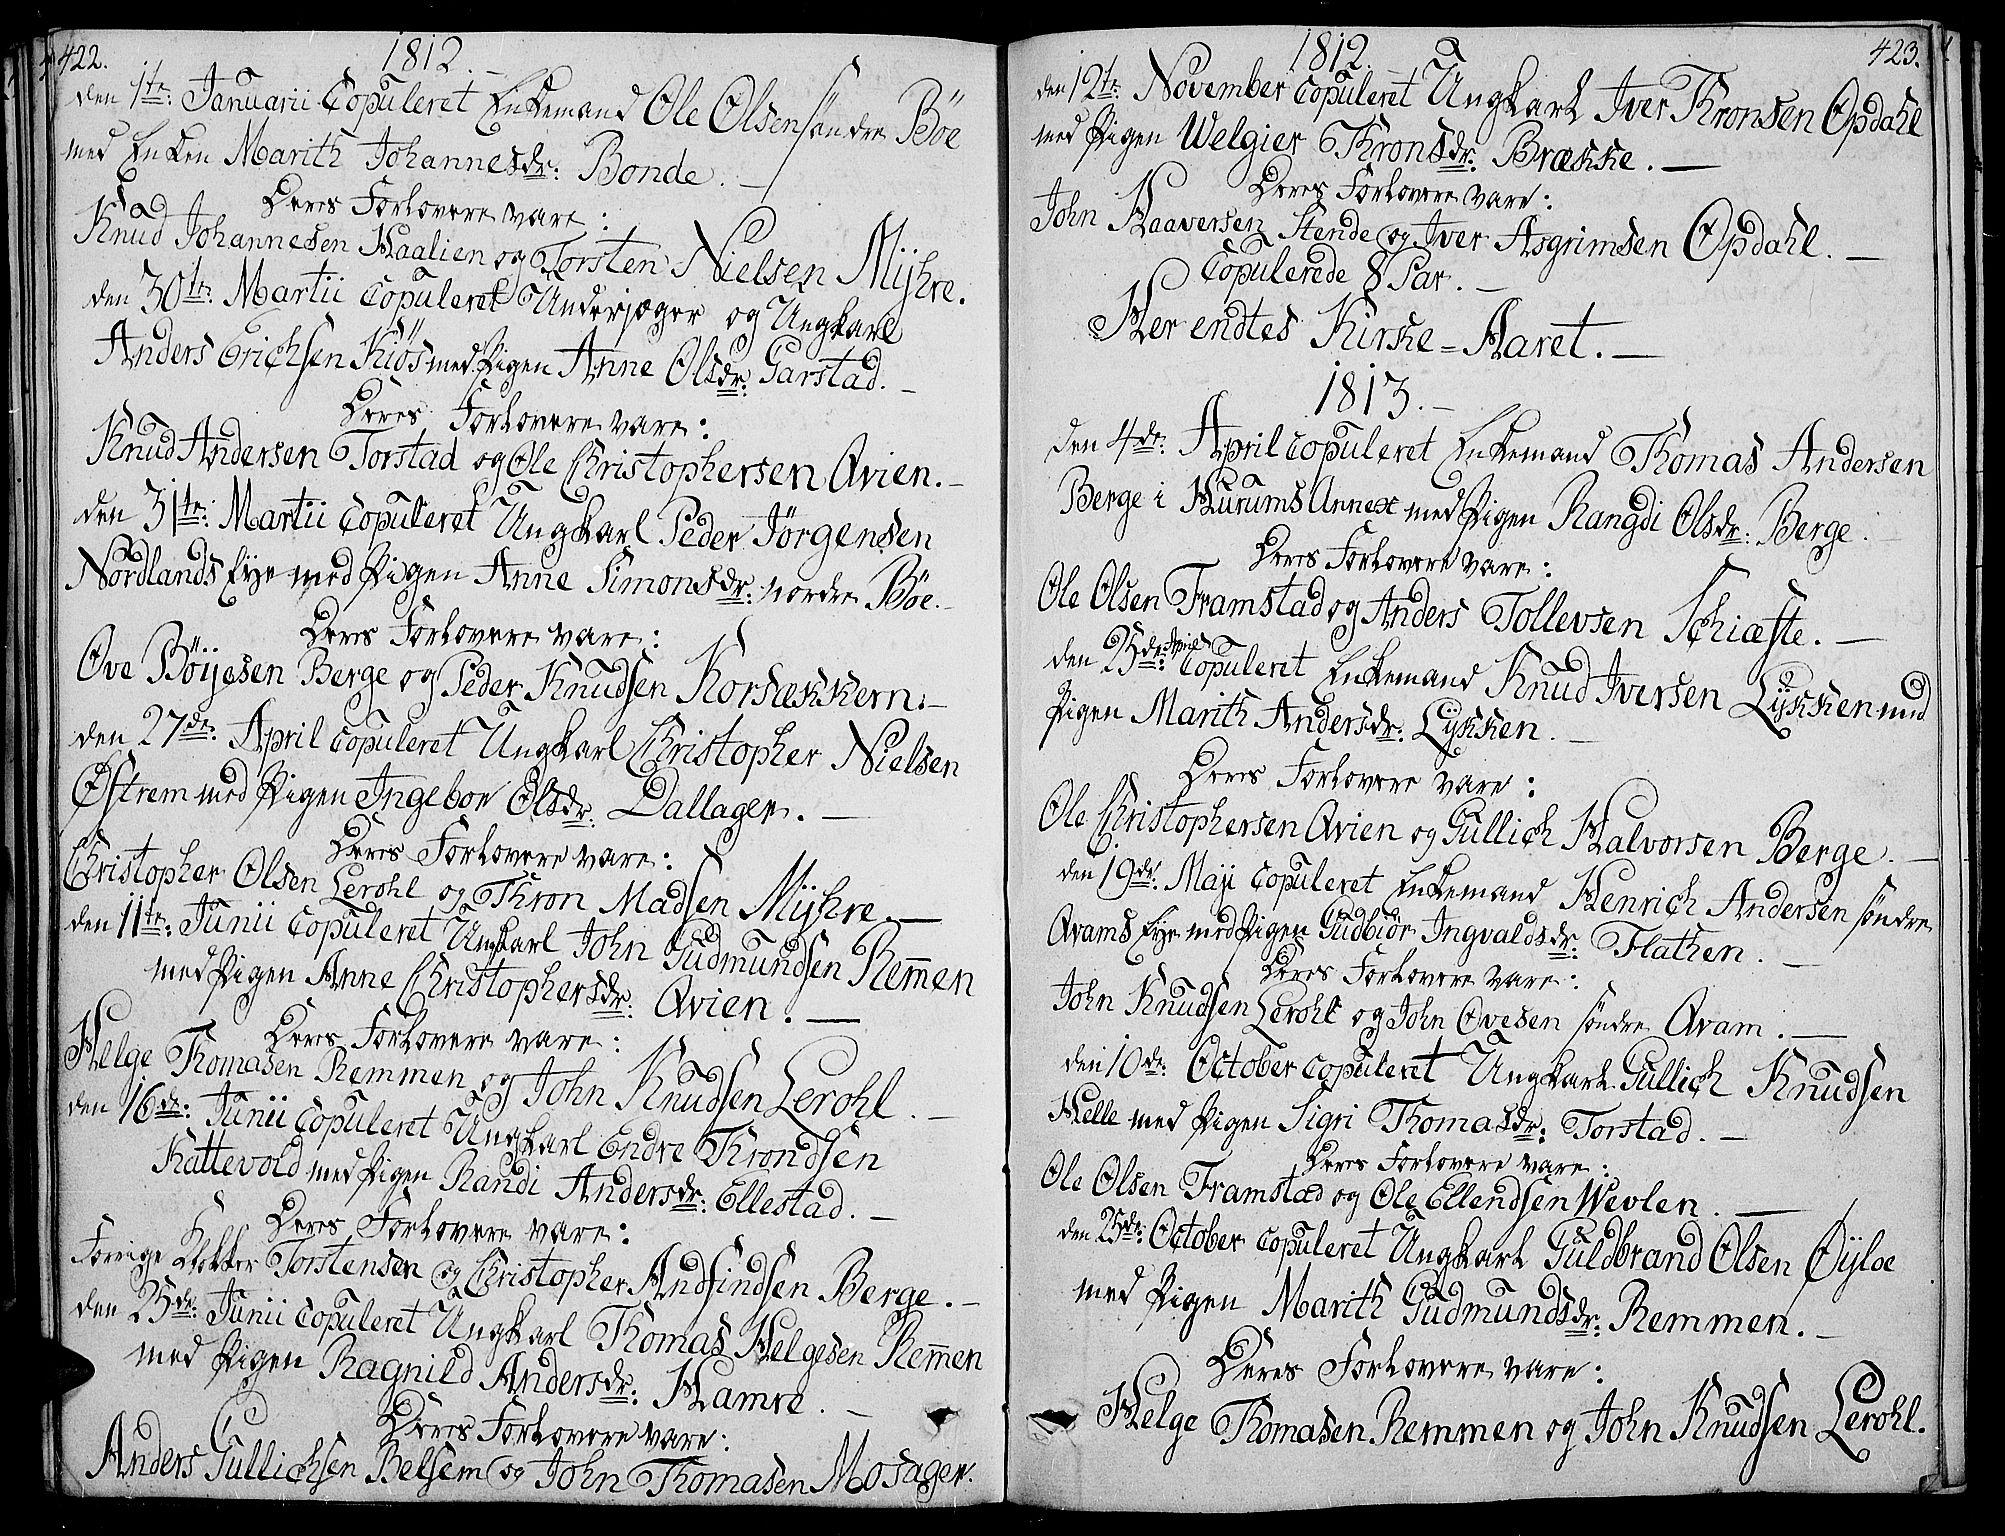 SAH, Vang prestekontor, Valdres, Ministerialbok nr. 3, 1809-1831, s. 422-423